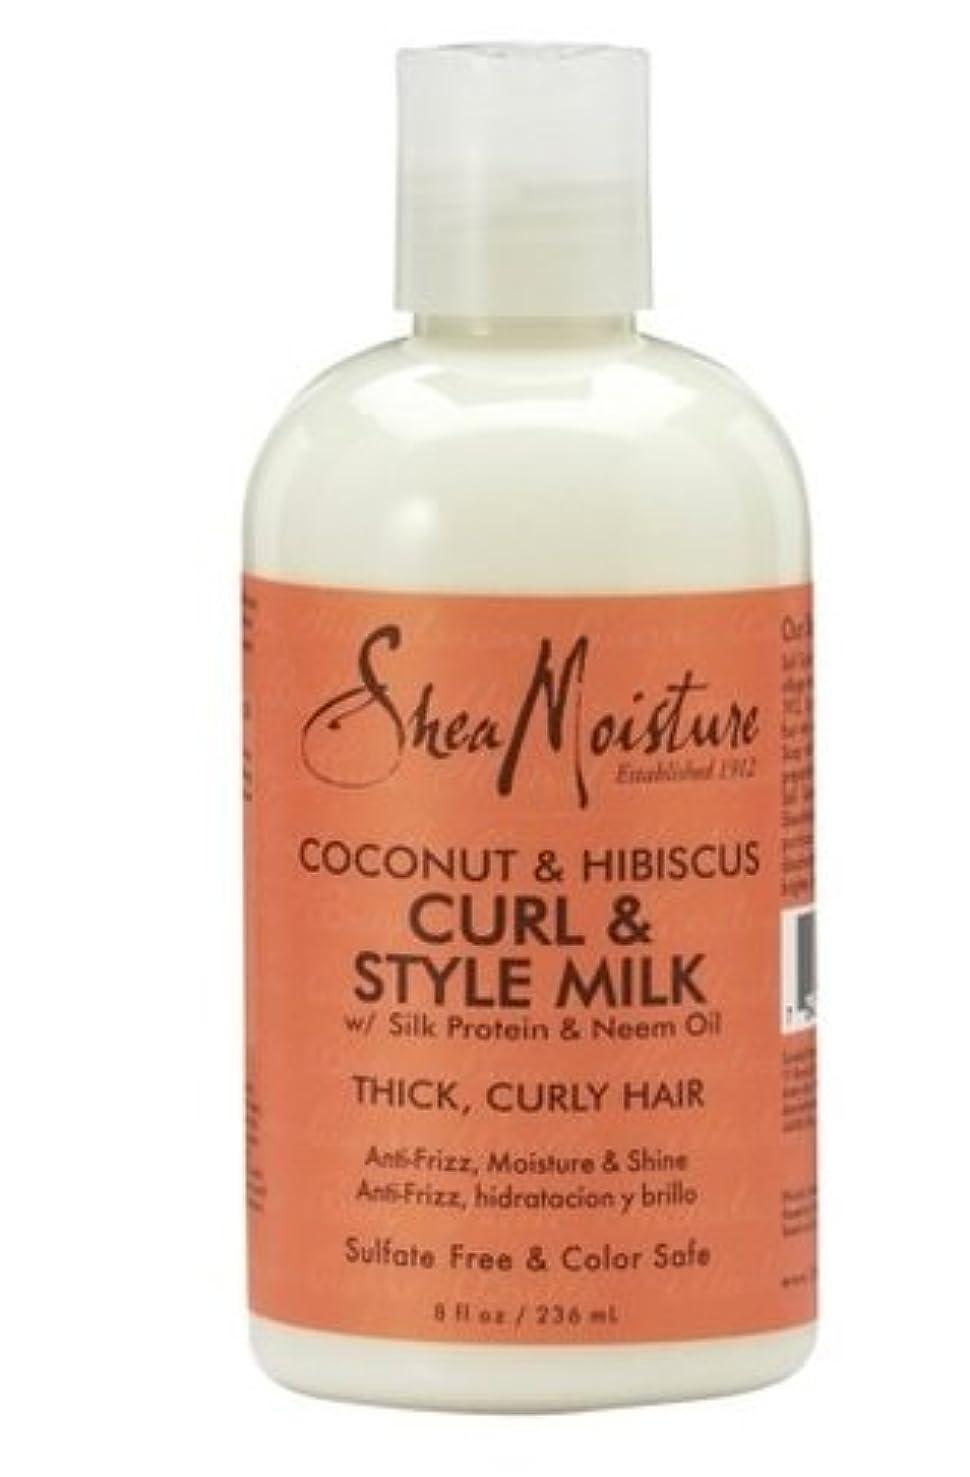 へこみ遵守するサーマルSheaMoisture Coconut & Hibiscus Curl & Style Milk 230ml ココナッツ&ハイビスカスカール&スタイルミルク